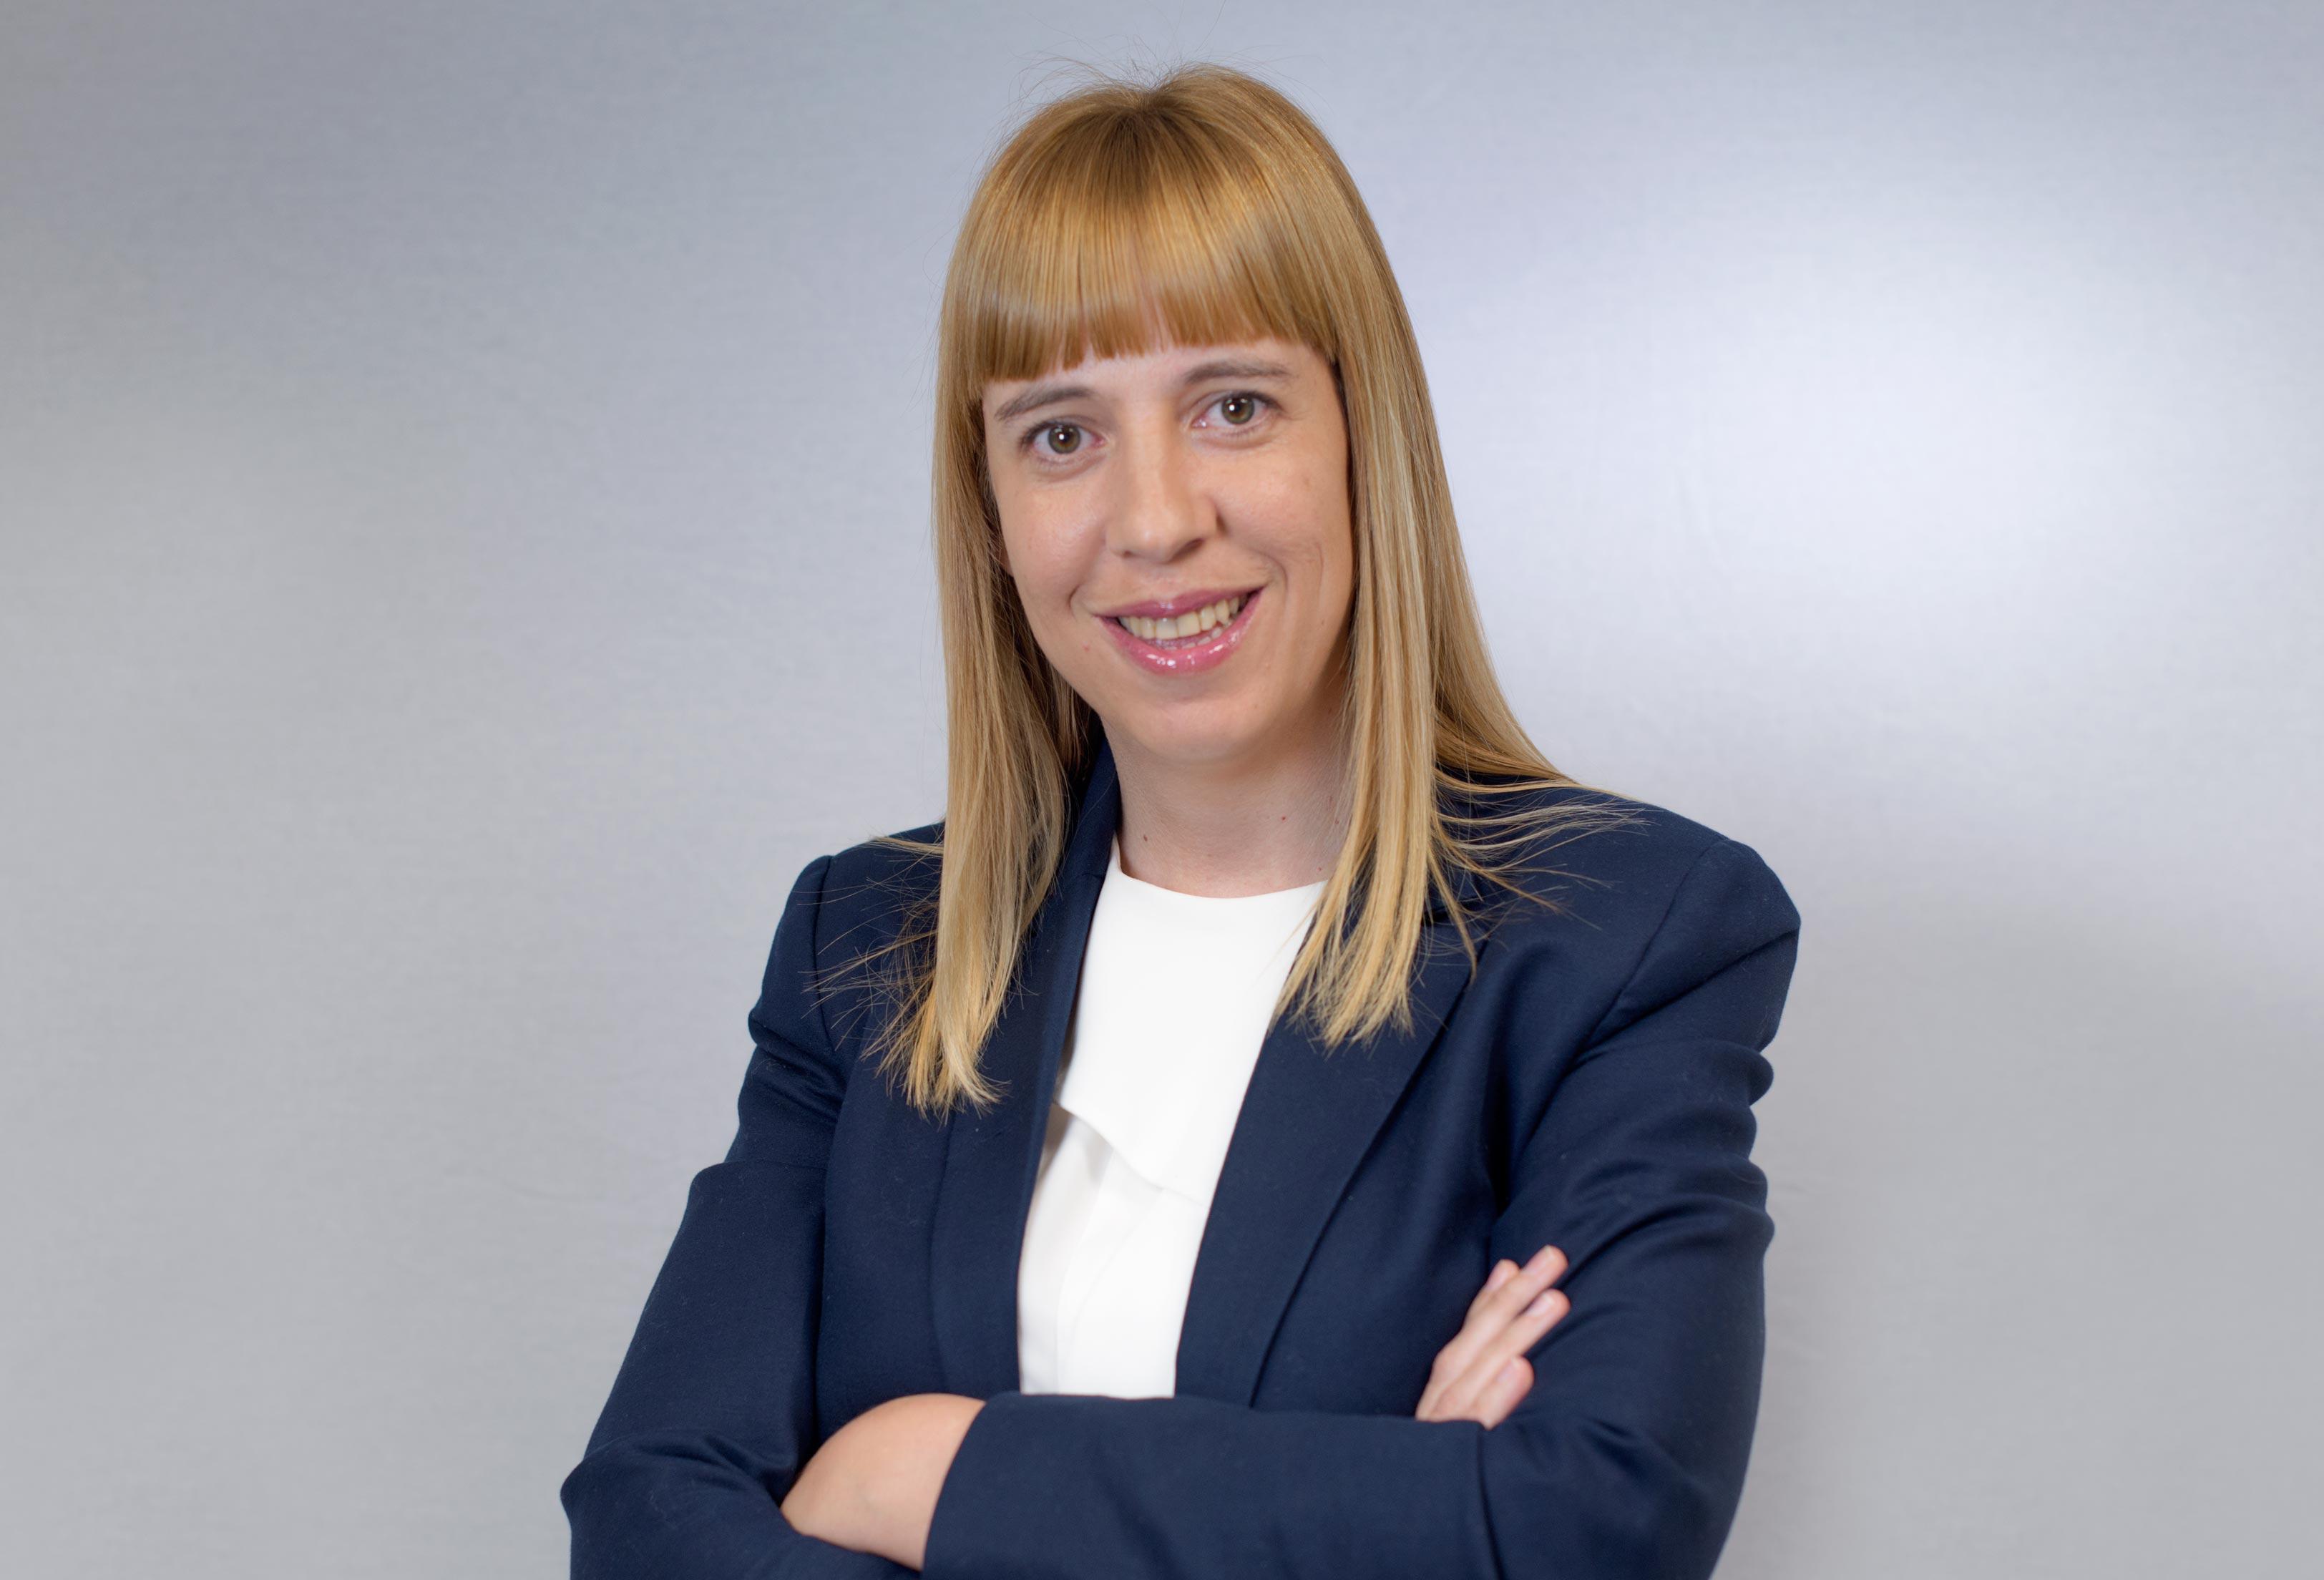 María José Cardete Minguez